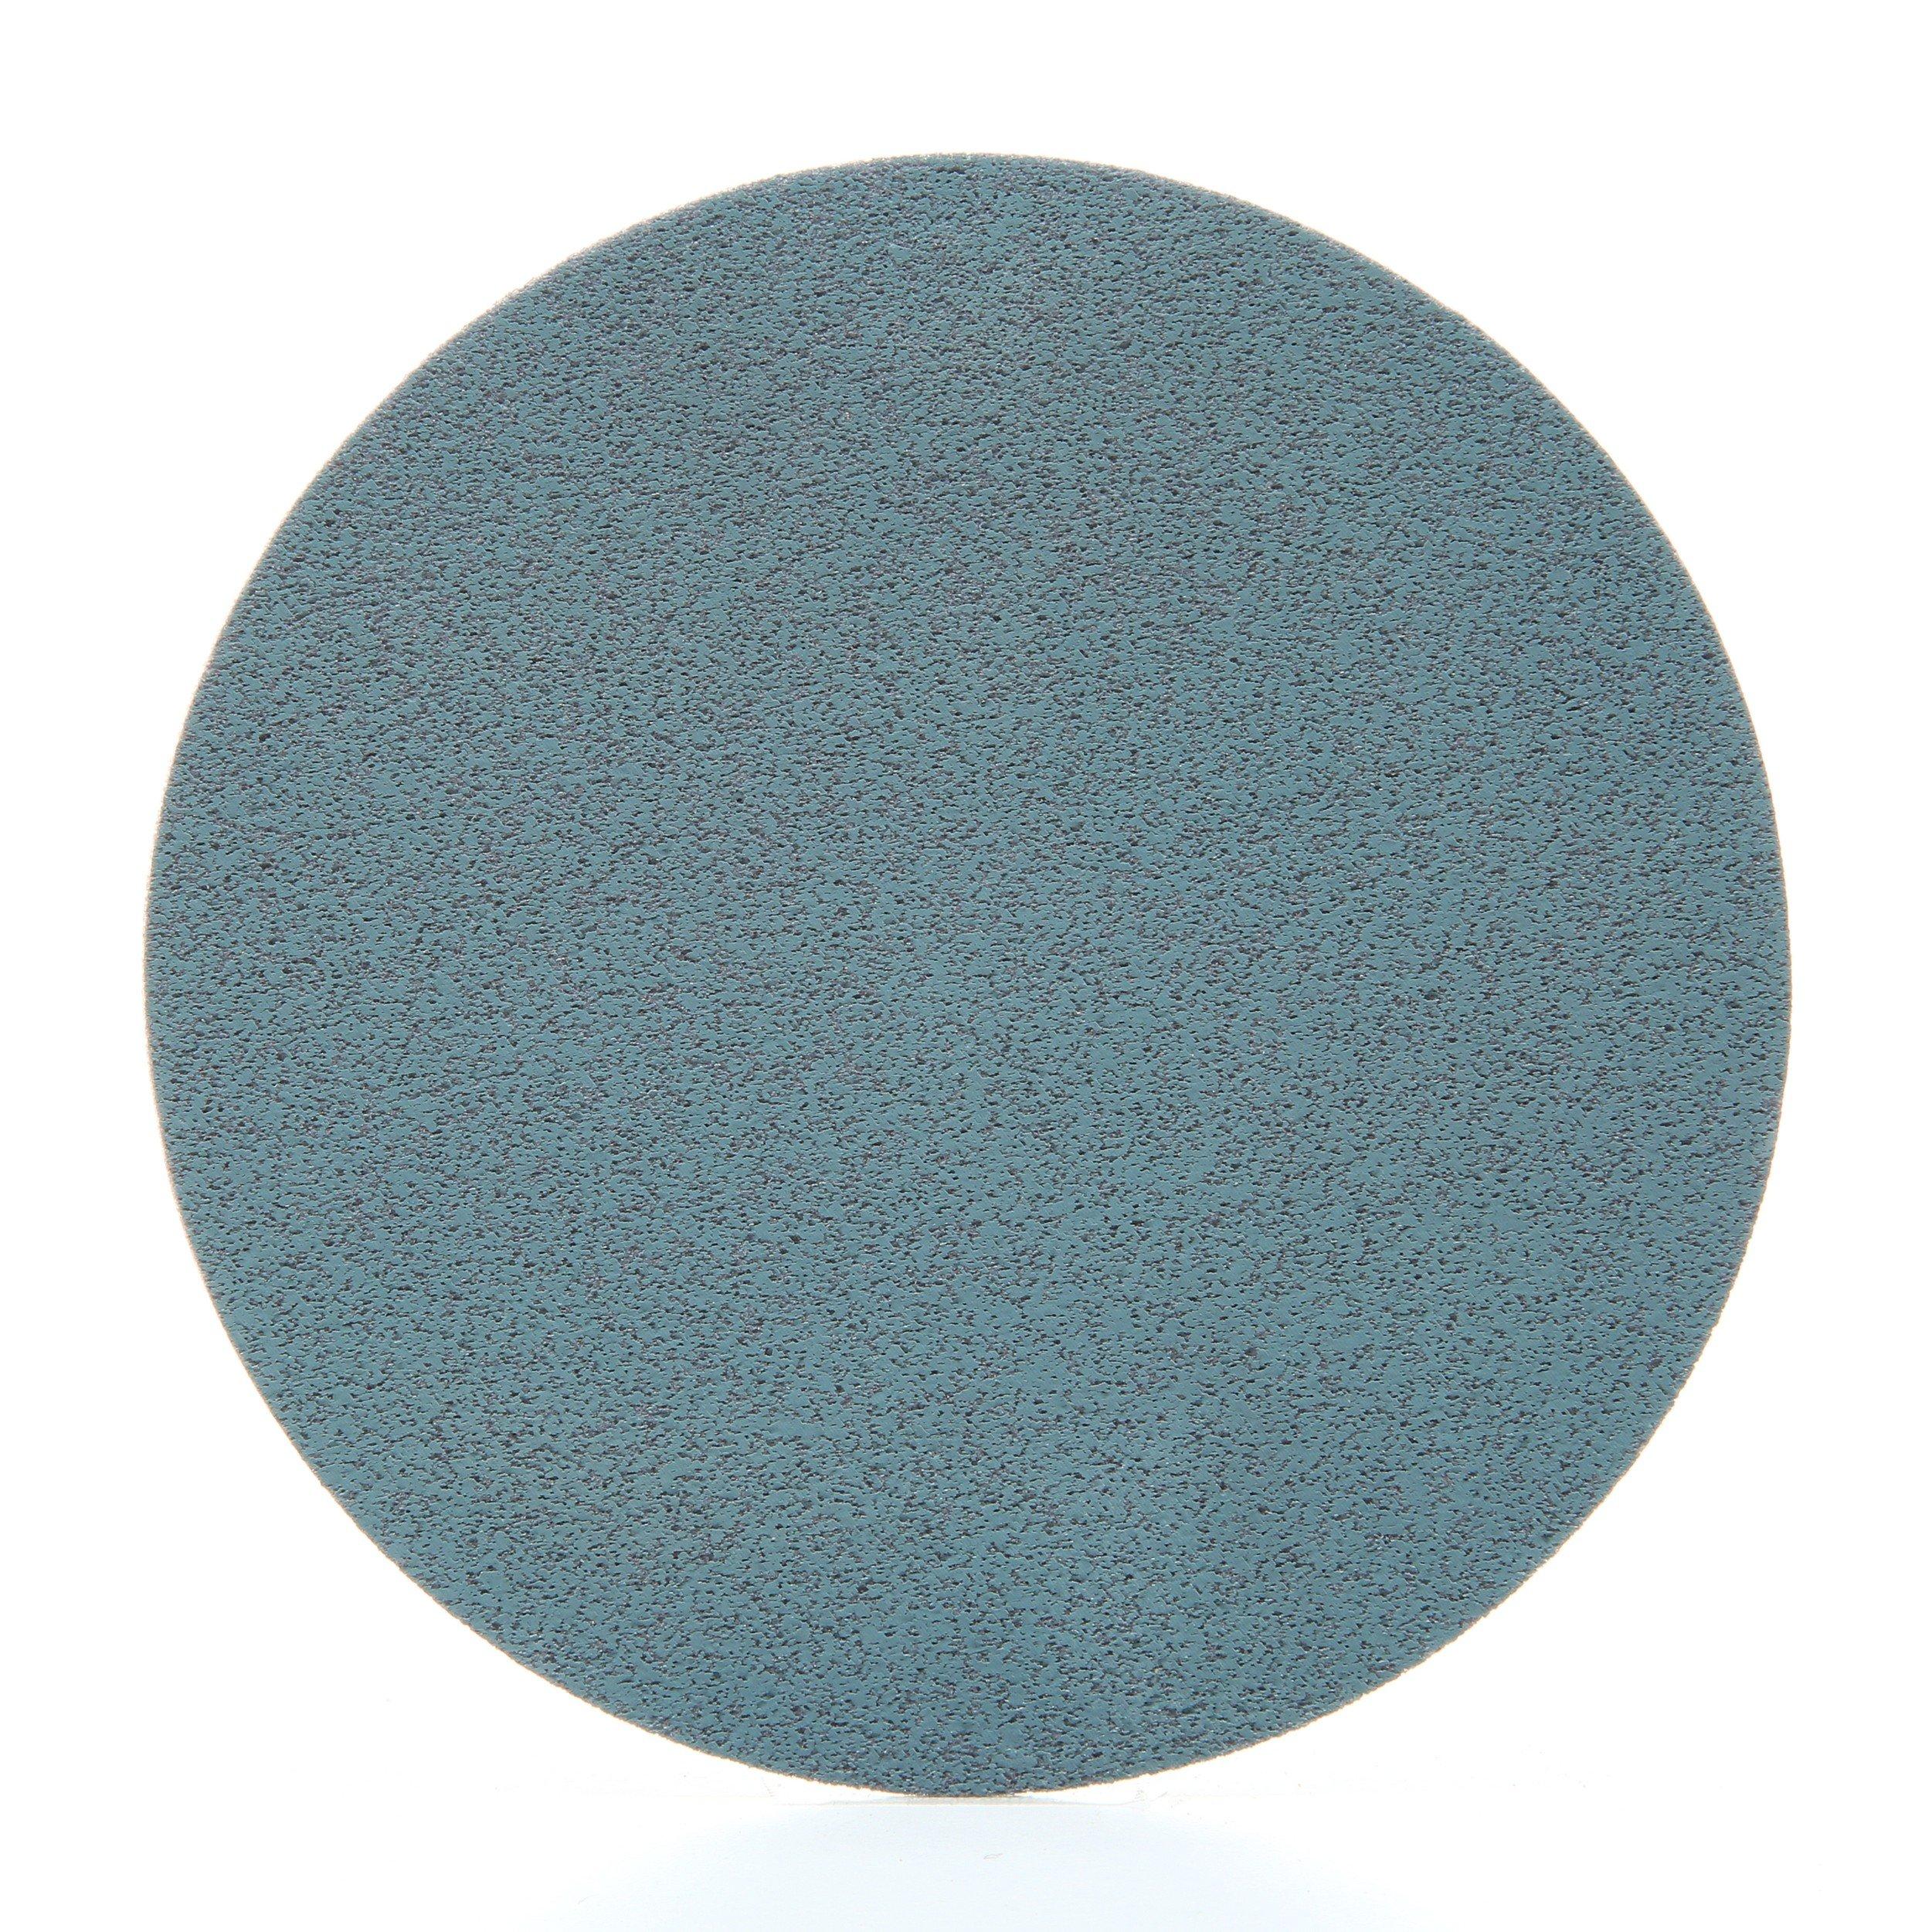 Trizact 3M (30562) Hookit 5'' 5000 Grit Foam Disc by Trizact (Image #2)